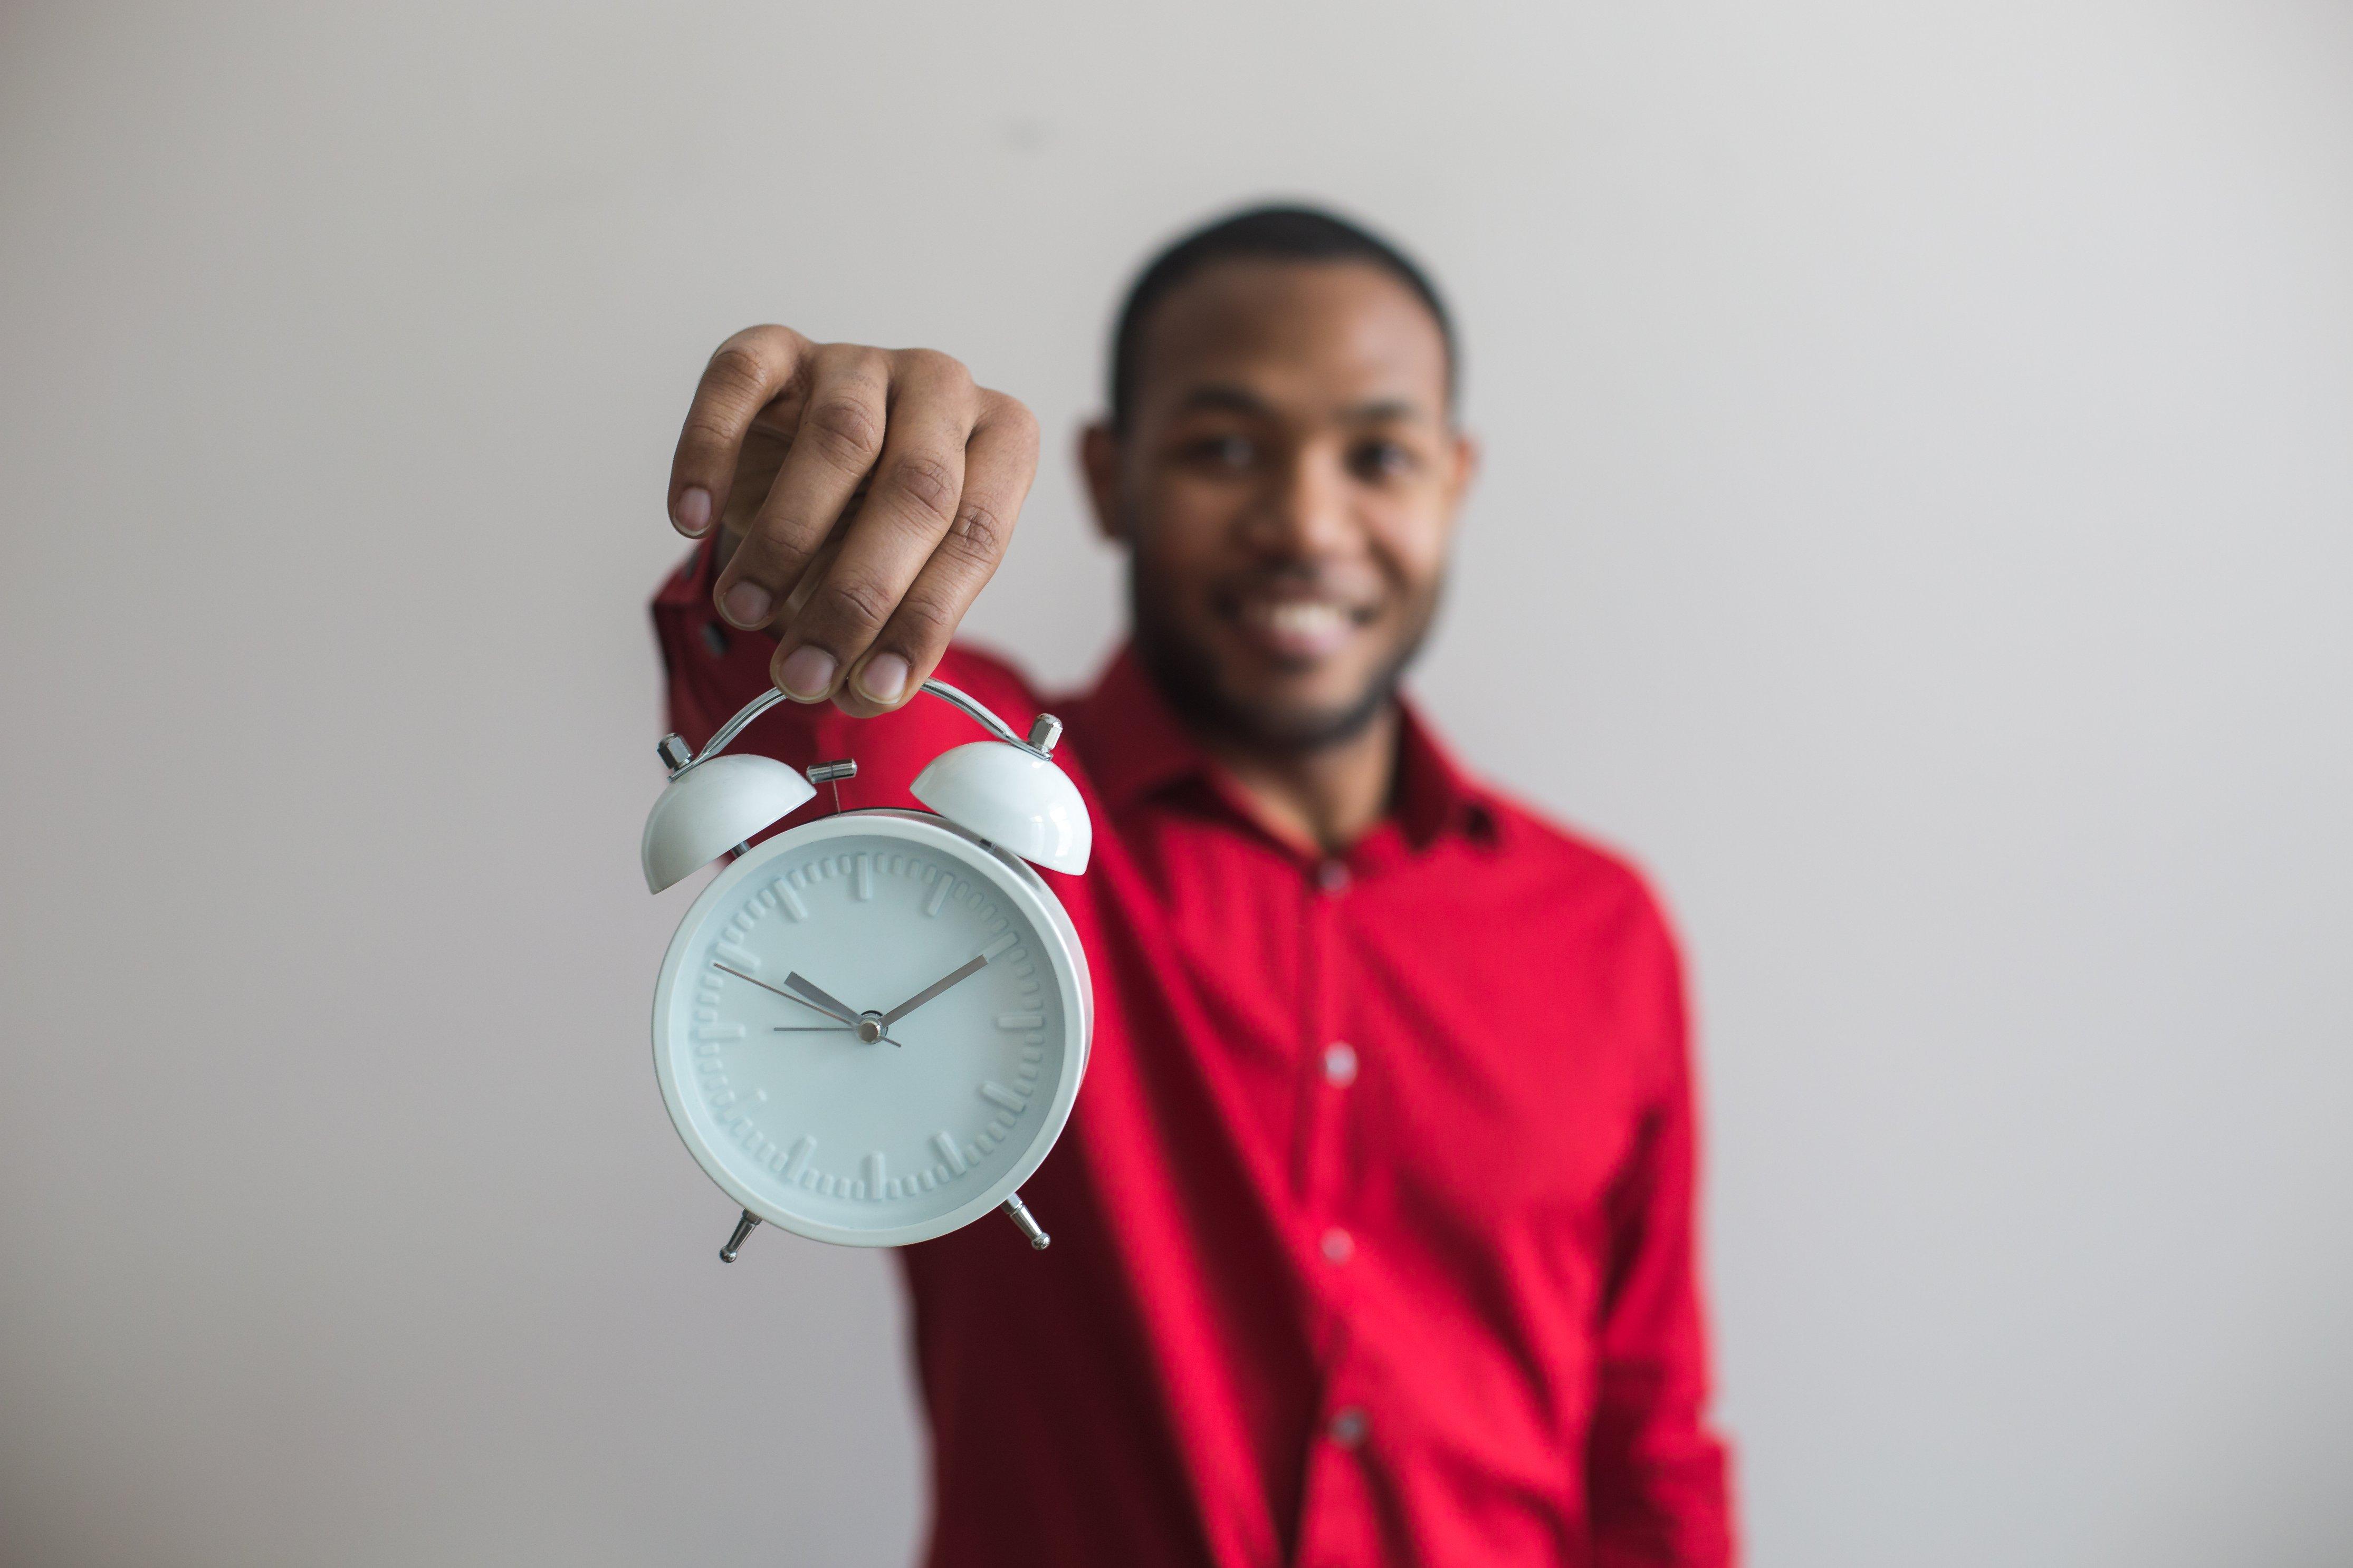 Construire une demande de rappel d'heures supplémentaires